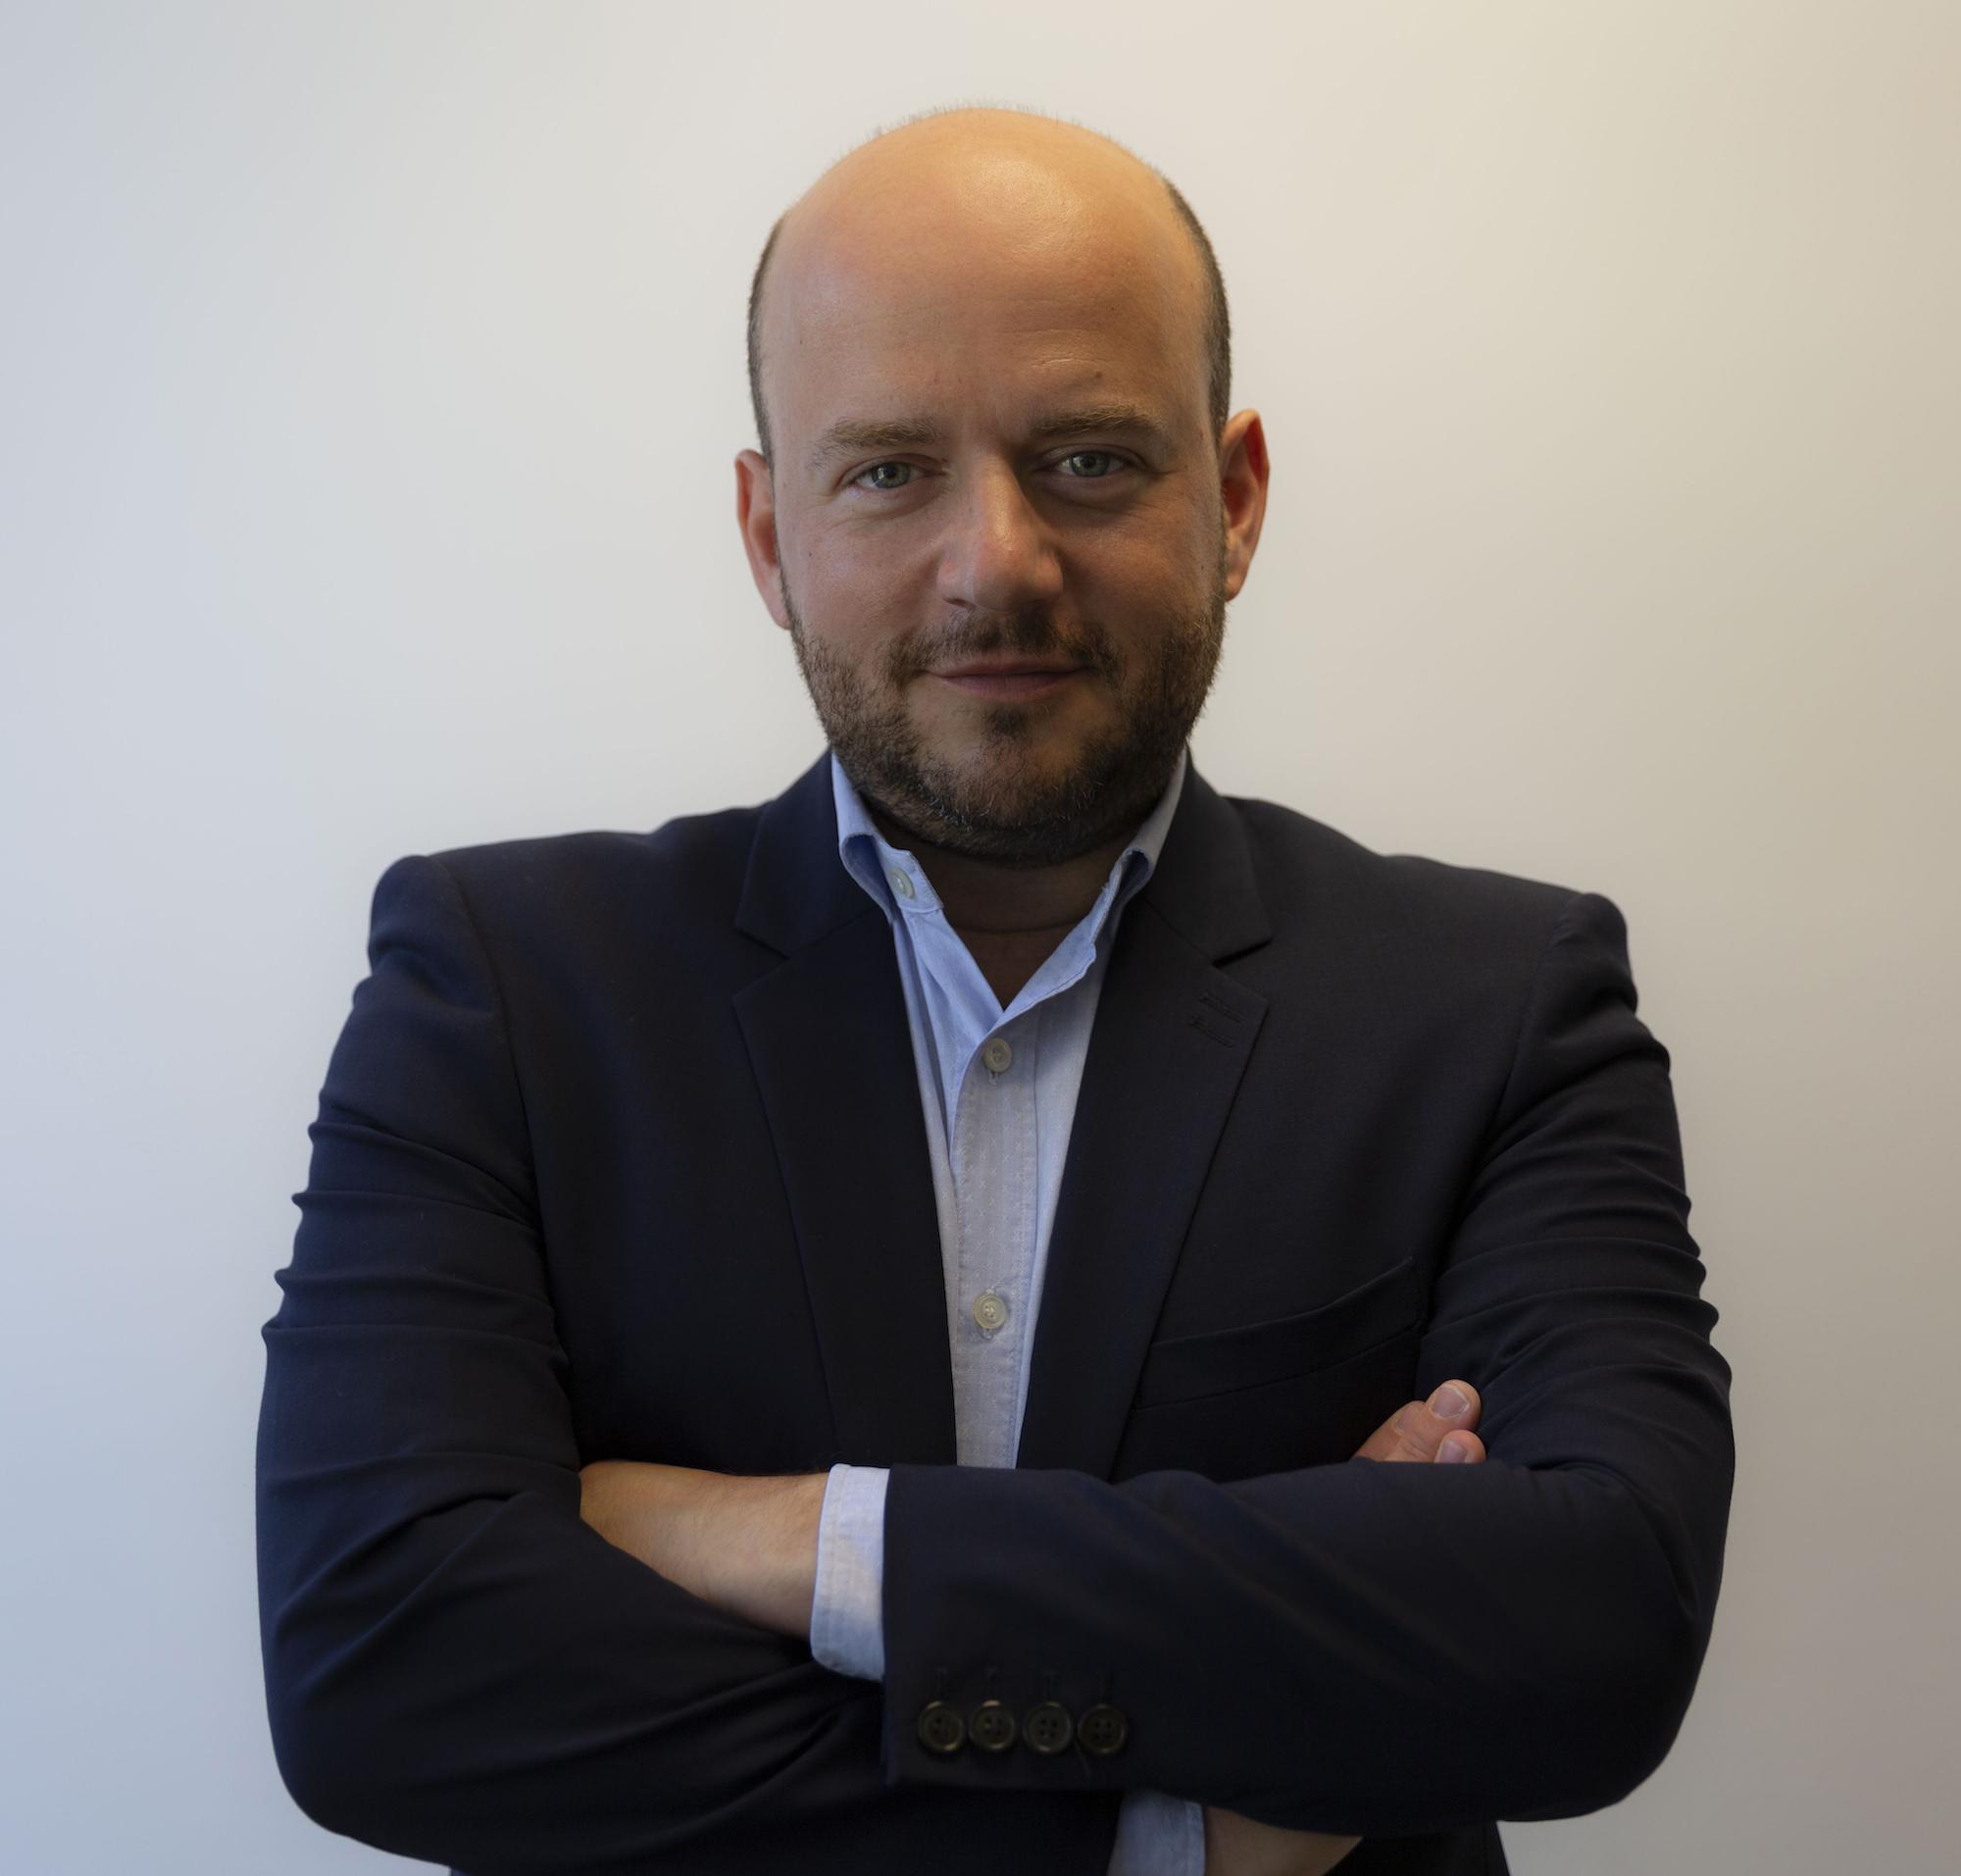 Alexandre Ceccaldi